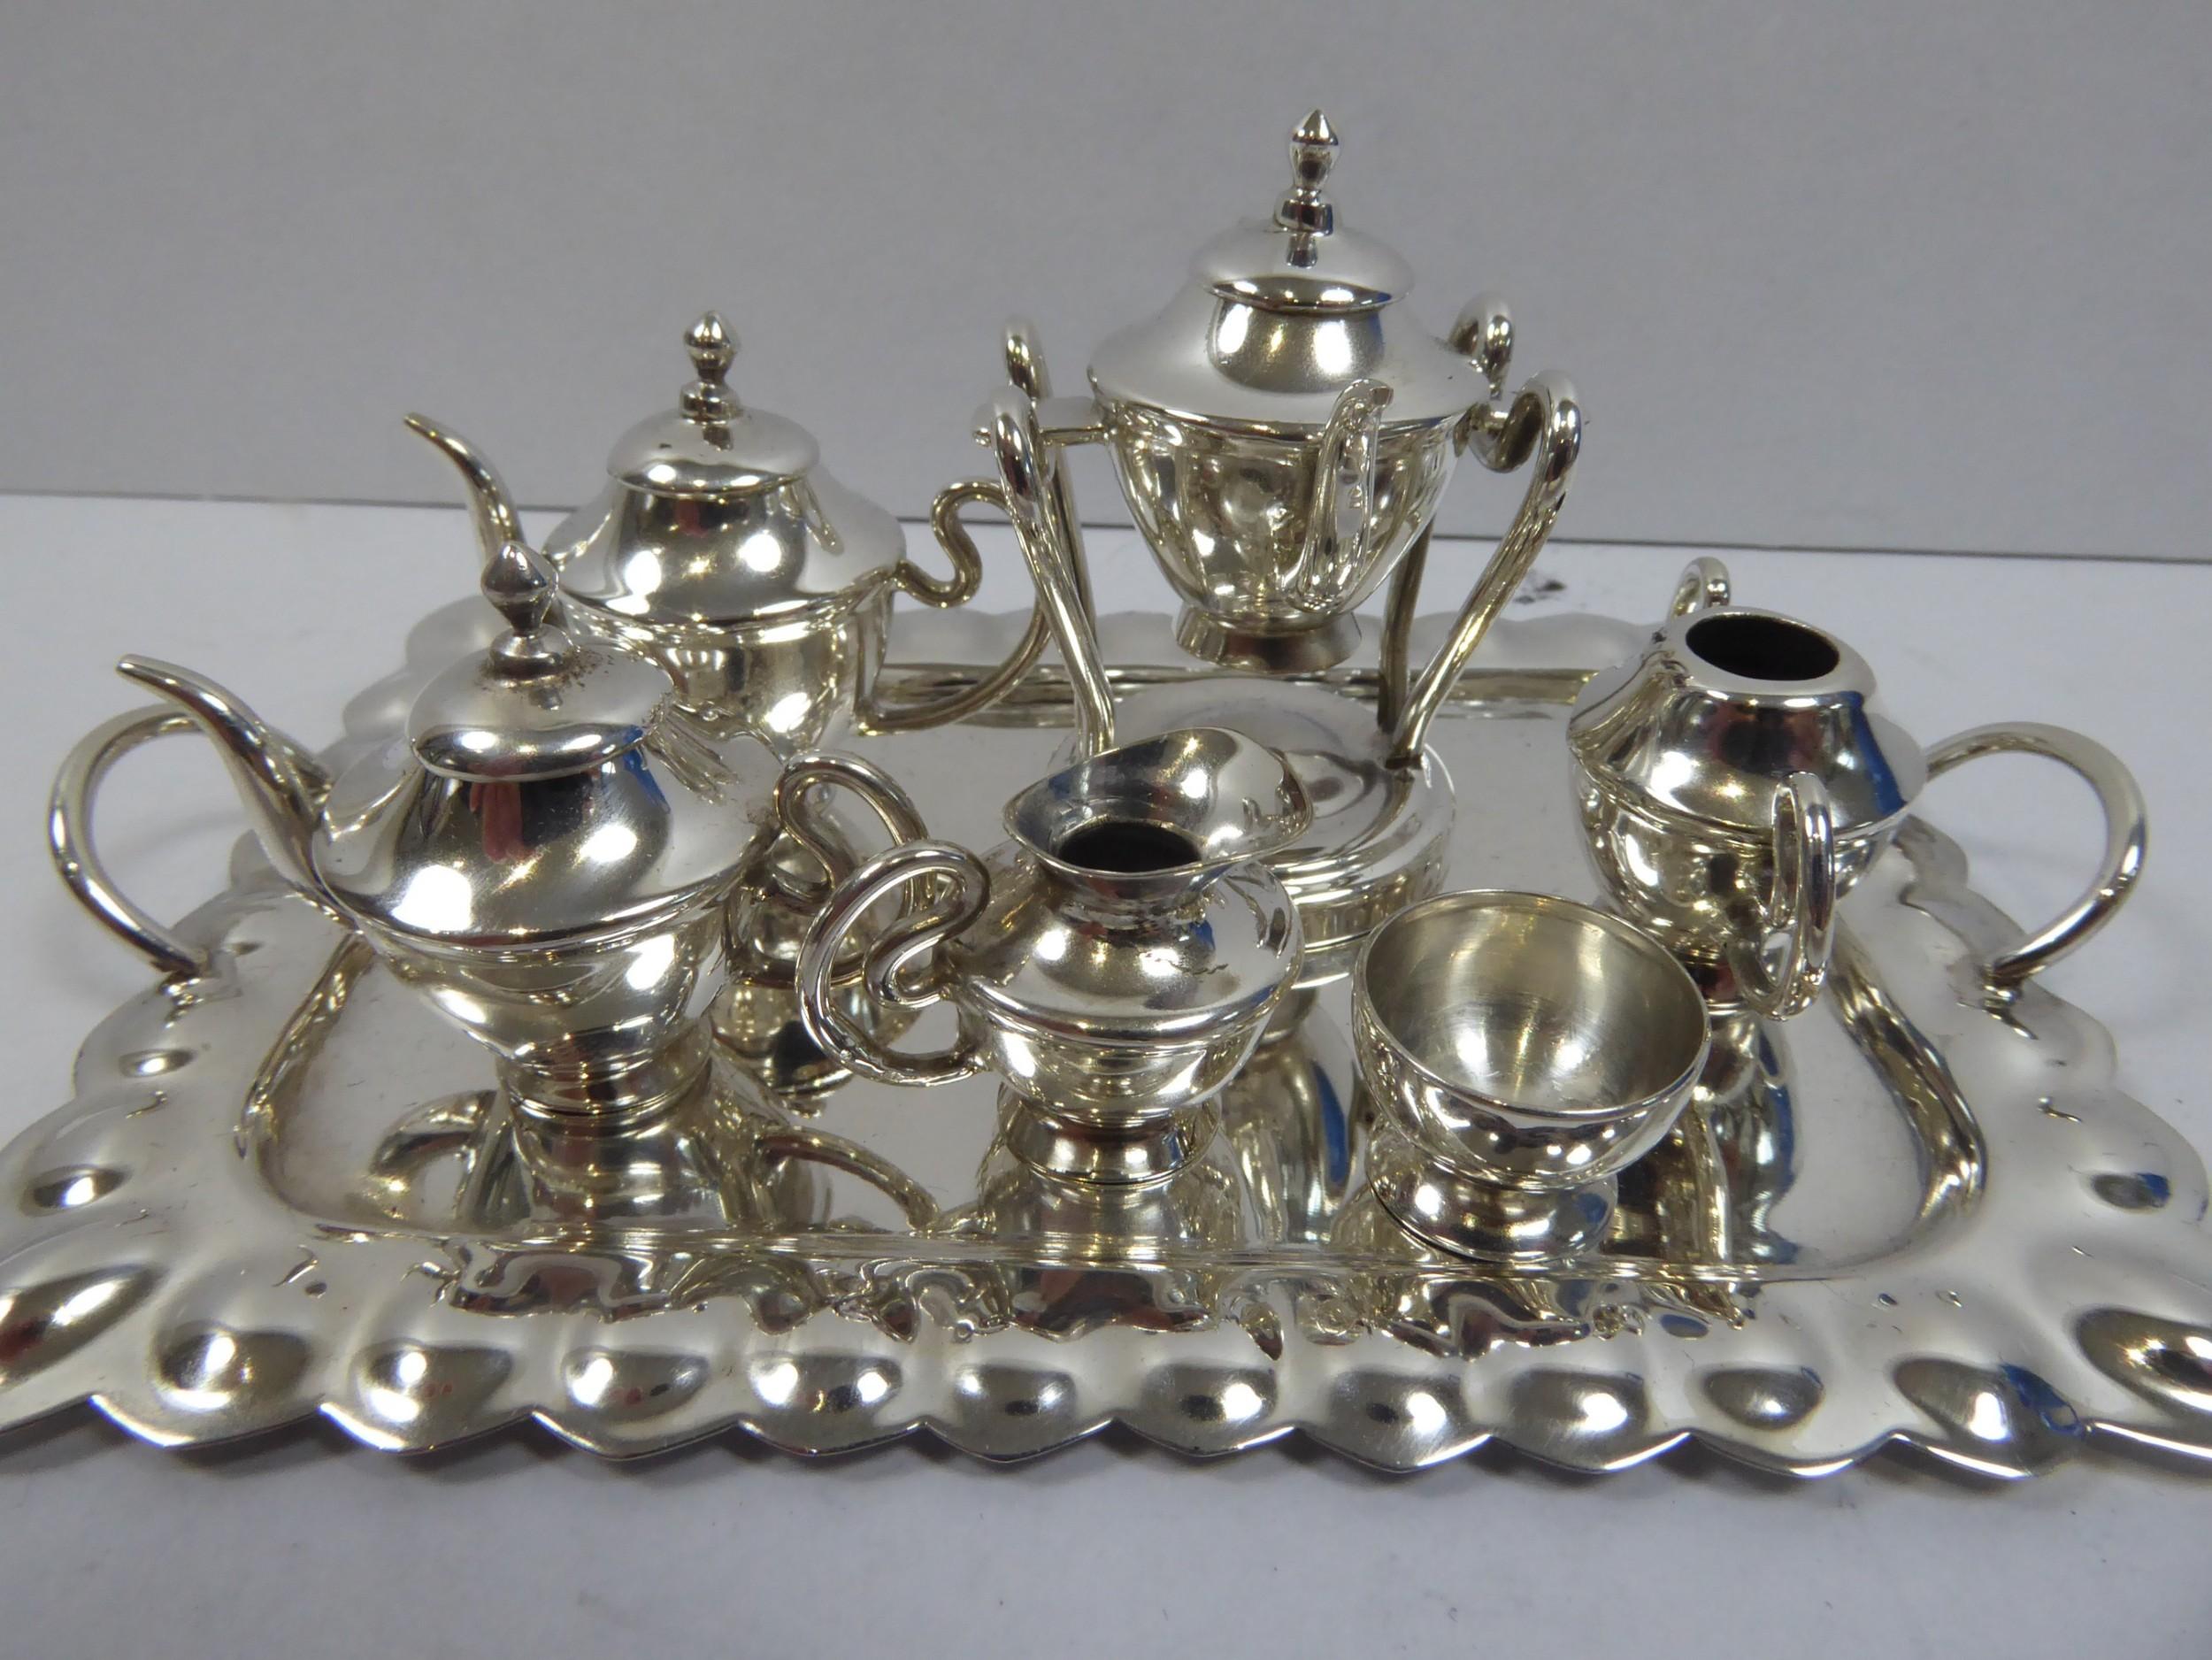 stunning solid silver minature 8 pce tea set